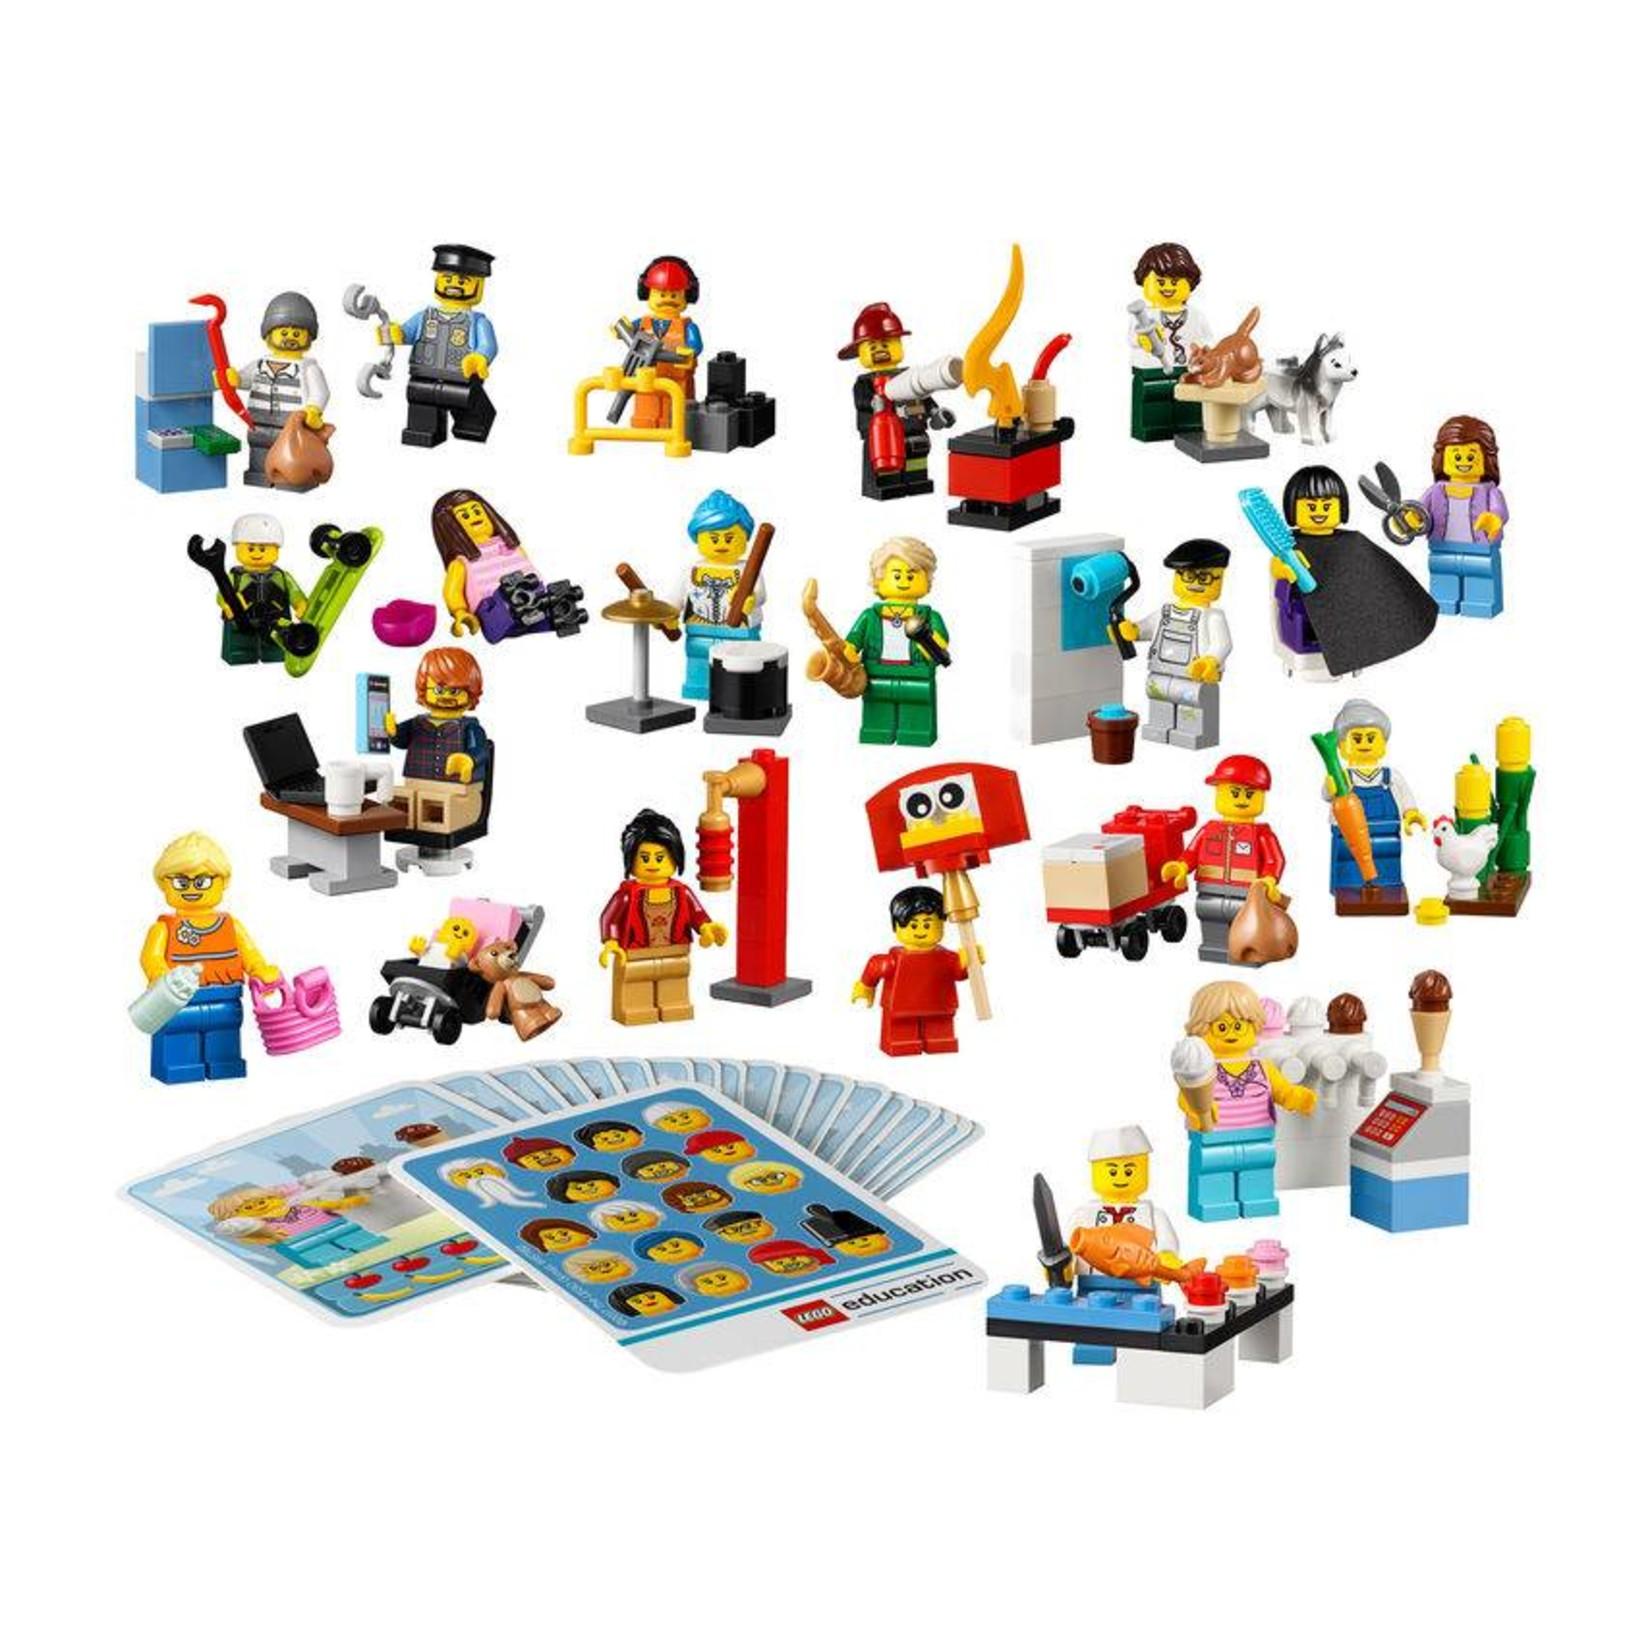 LEGO® Education Community Minifigure Set